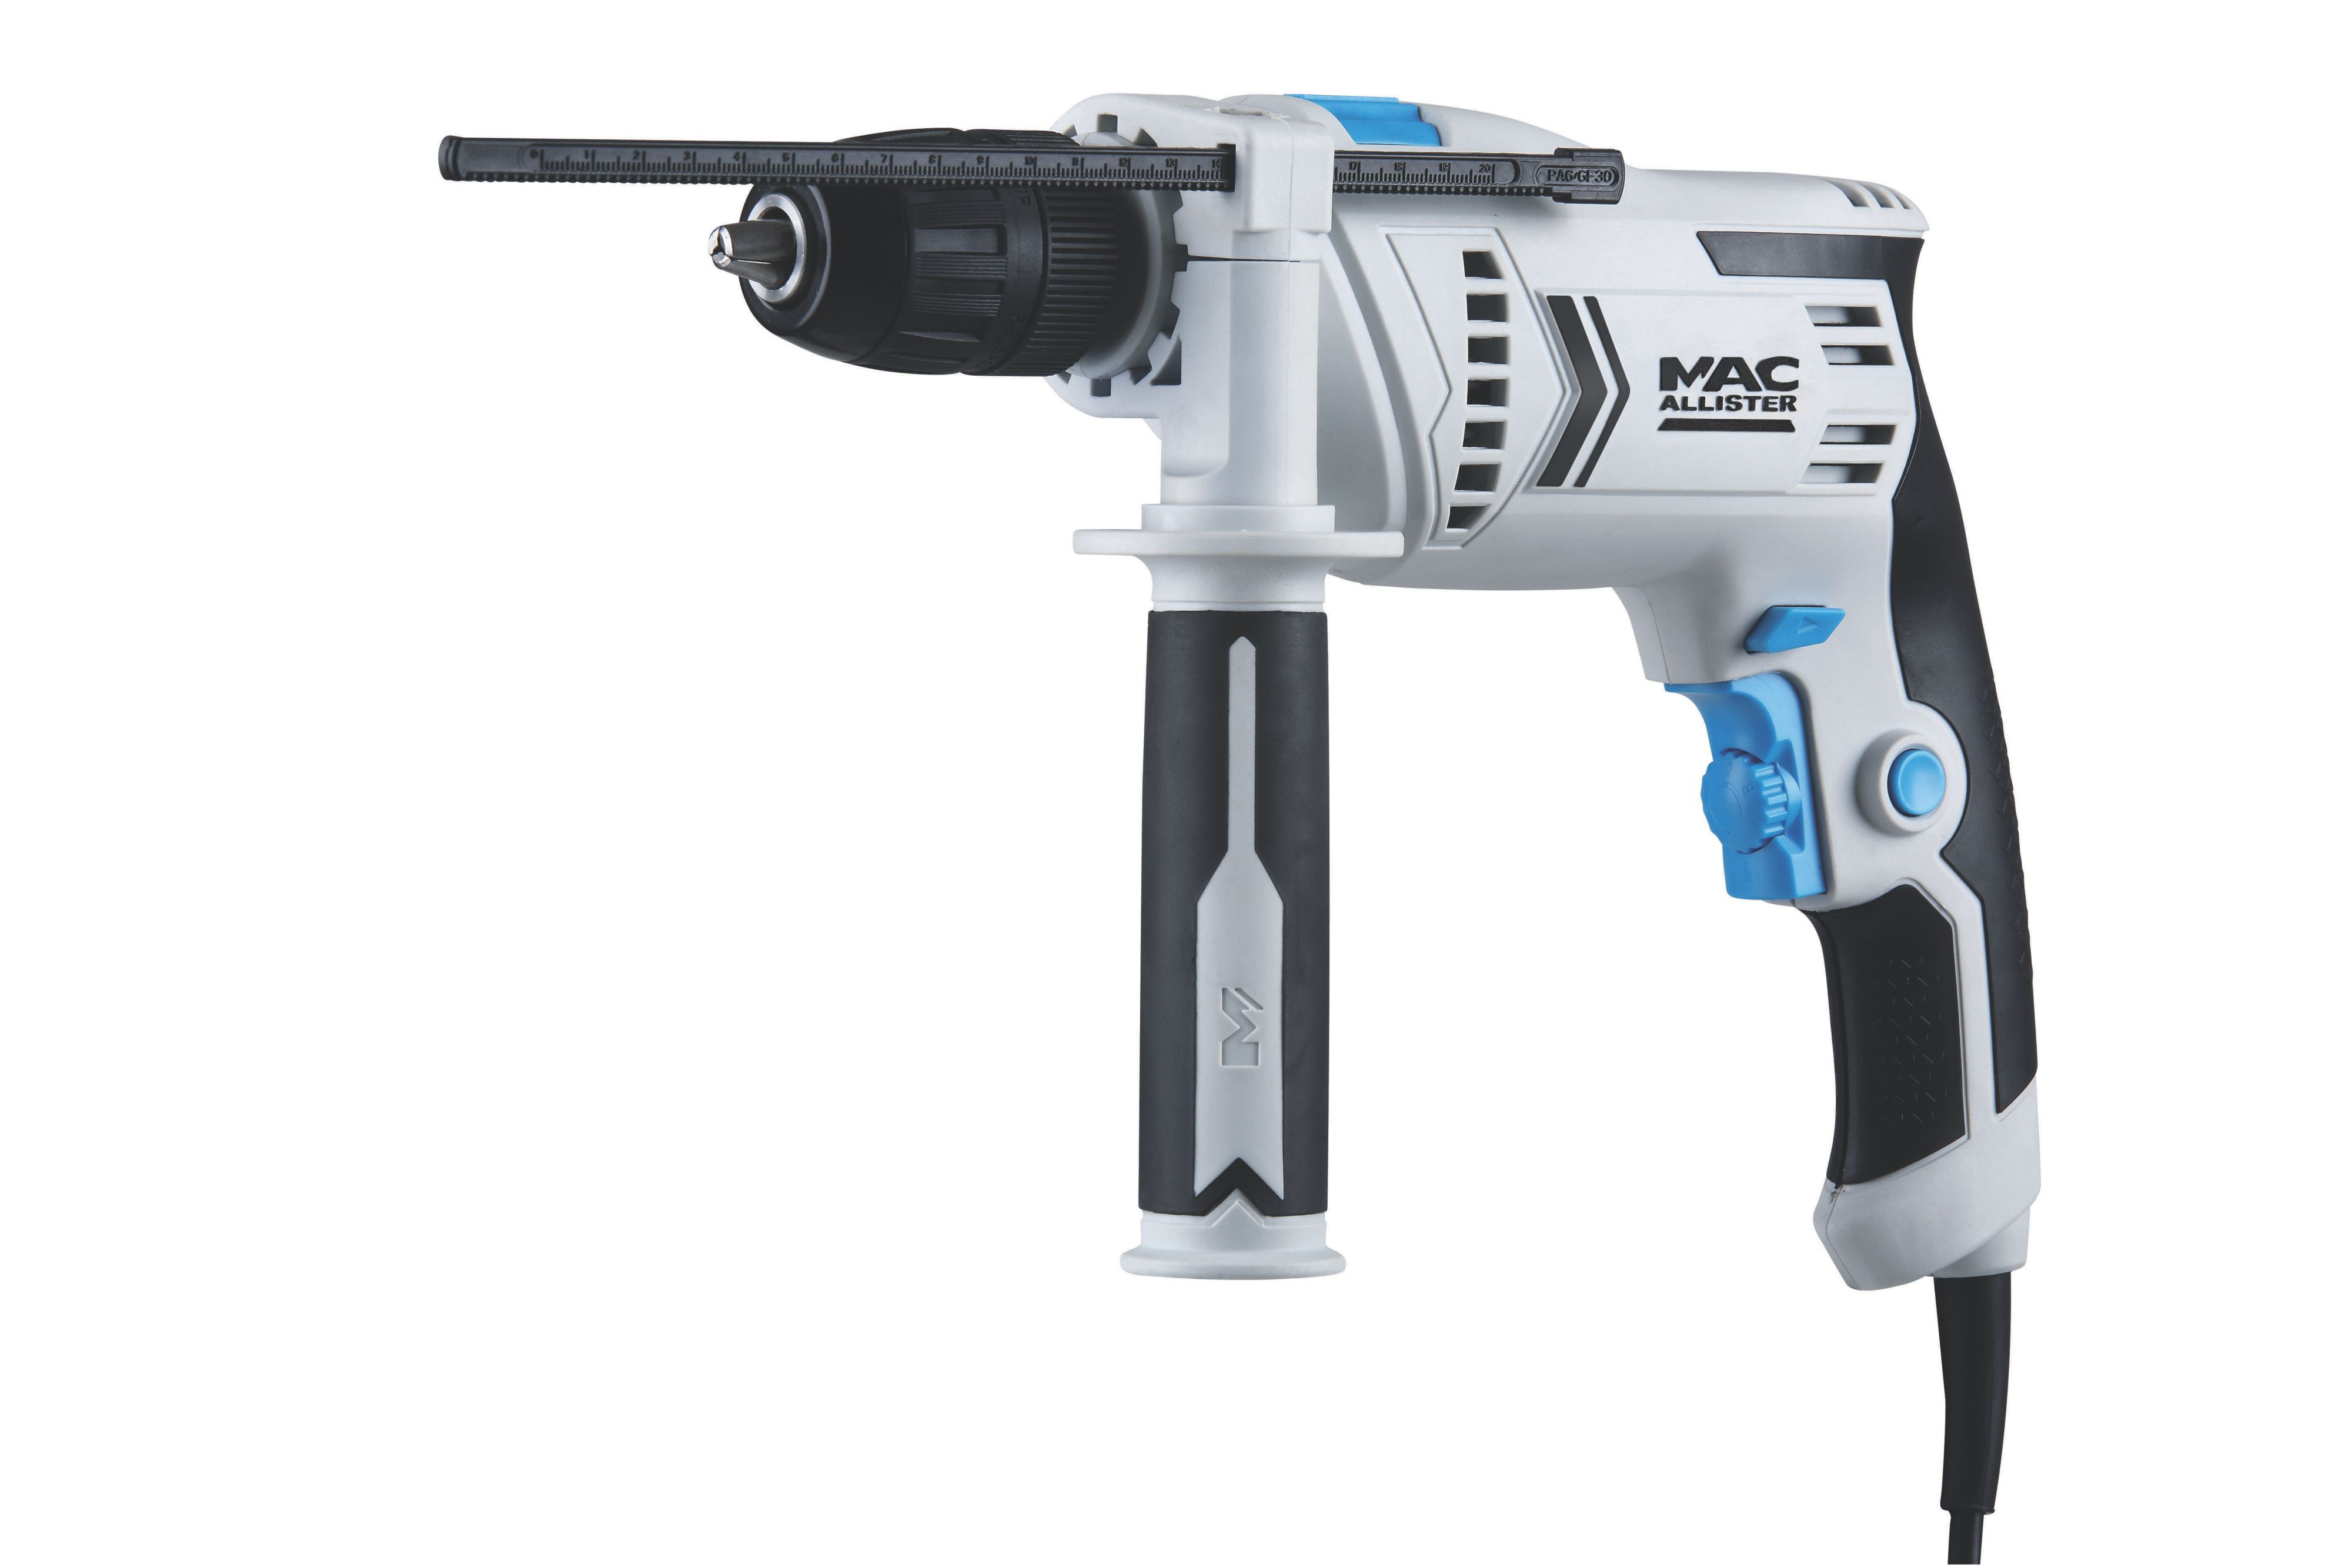 Mac Allister 600w Corded Hammer Drill Mshd600